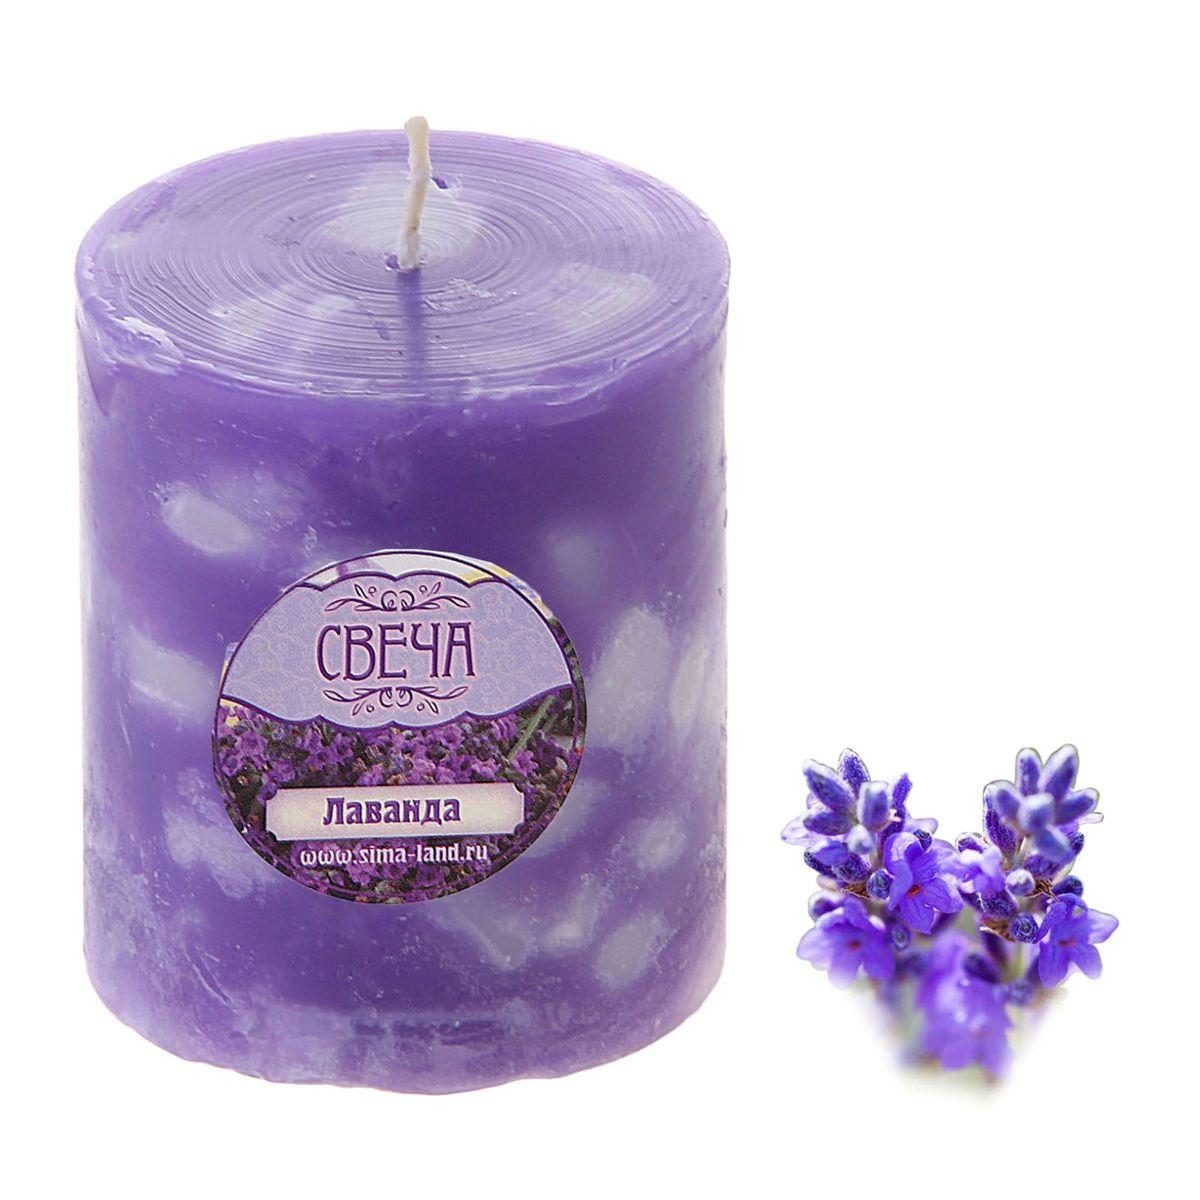 Свеча ароматизированная Sima-land Лаванда, цвет: фиолетовый, белый, высота 7 см sima land свеча с мишкой с днем рождения 7 4 5 х 7 см 1003758